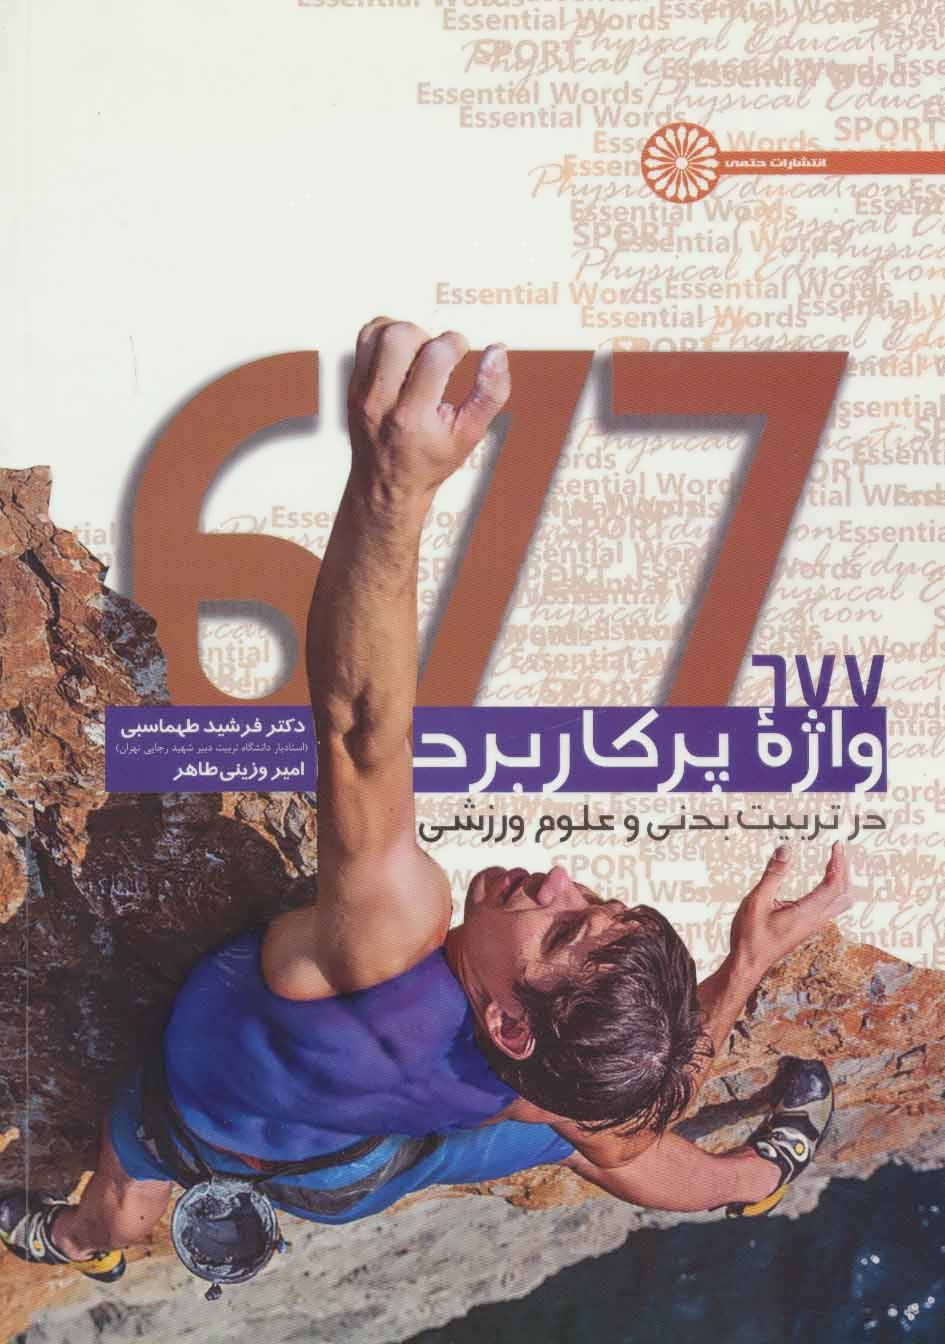 کتاب ۶۷۷ واژه پرکاربرد درتربیتبدنی و علوم ورزشی